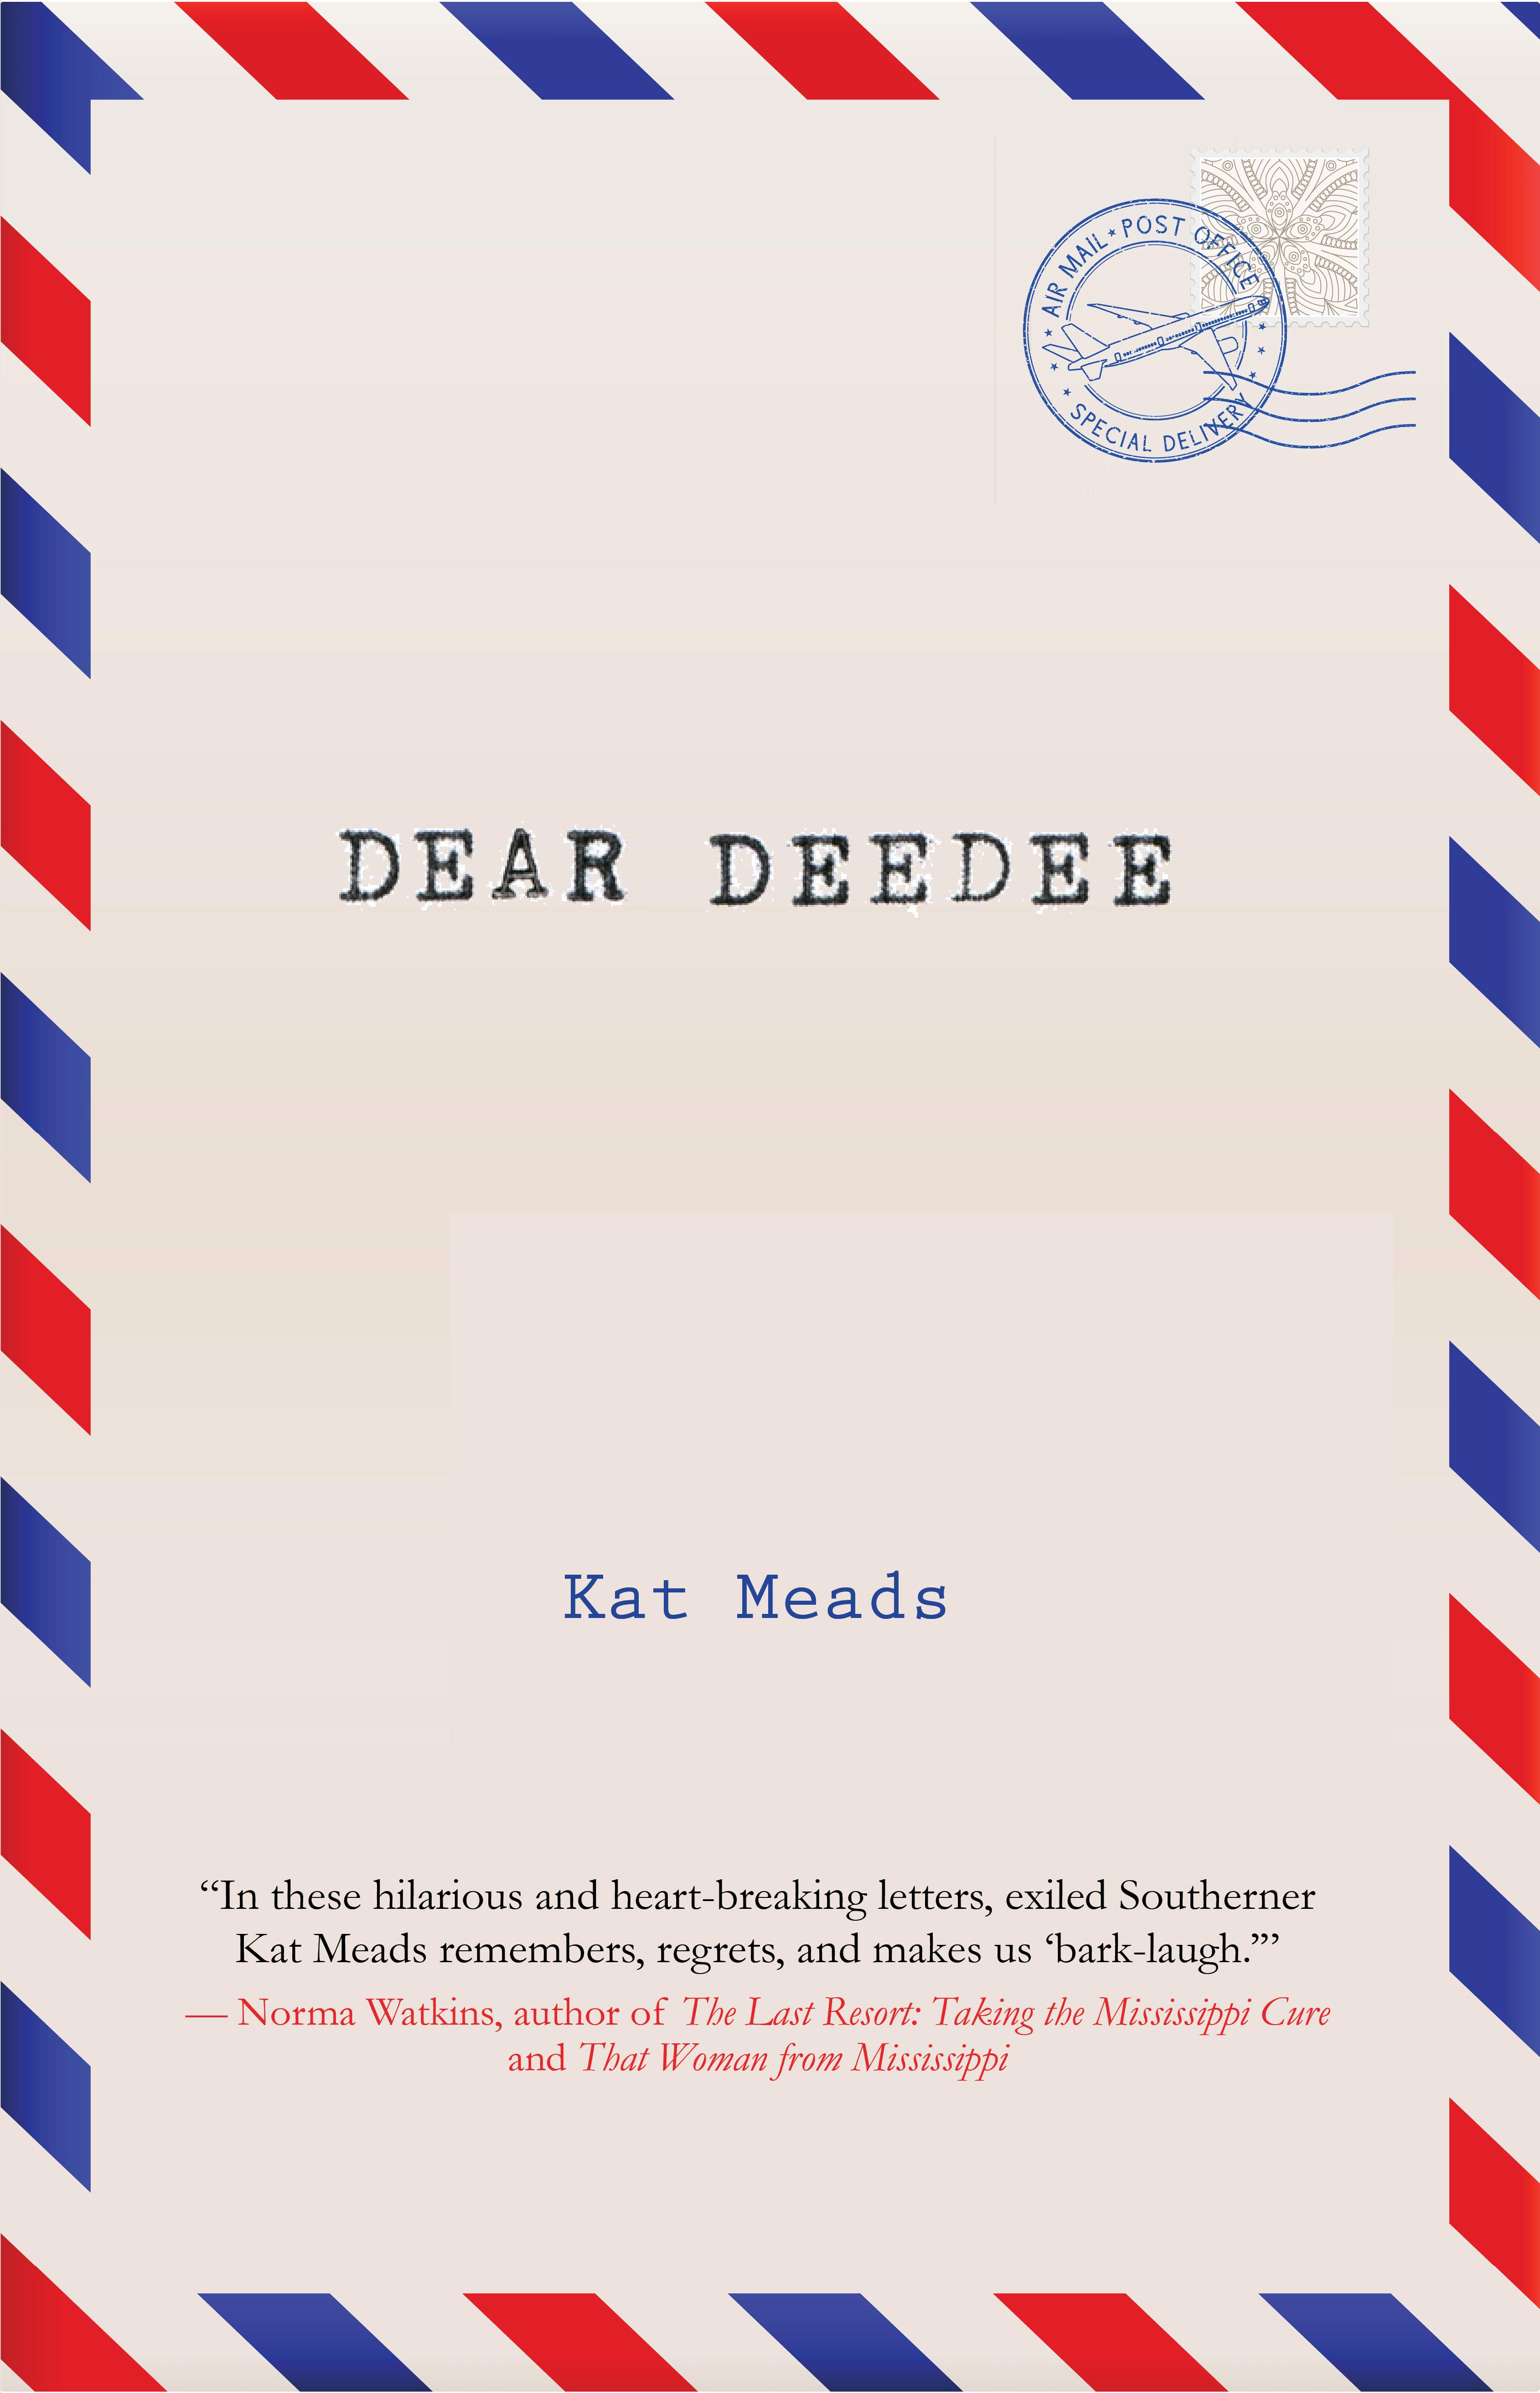 Dear Dee Dee